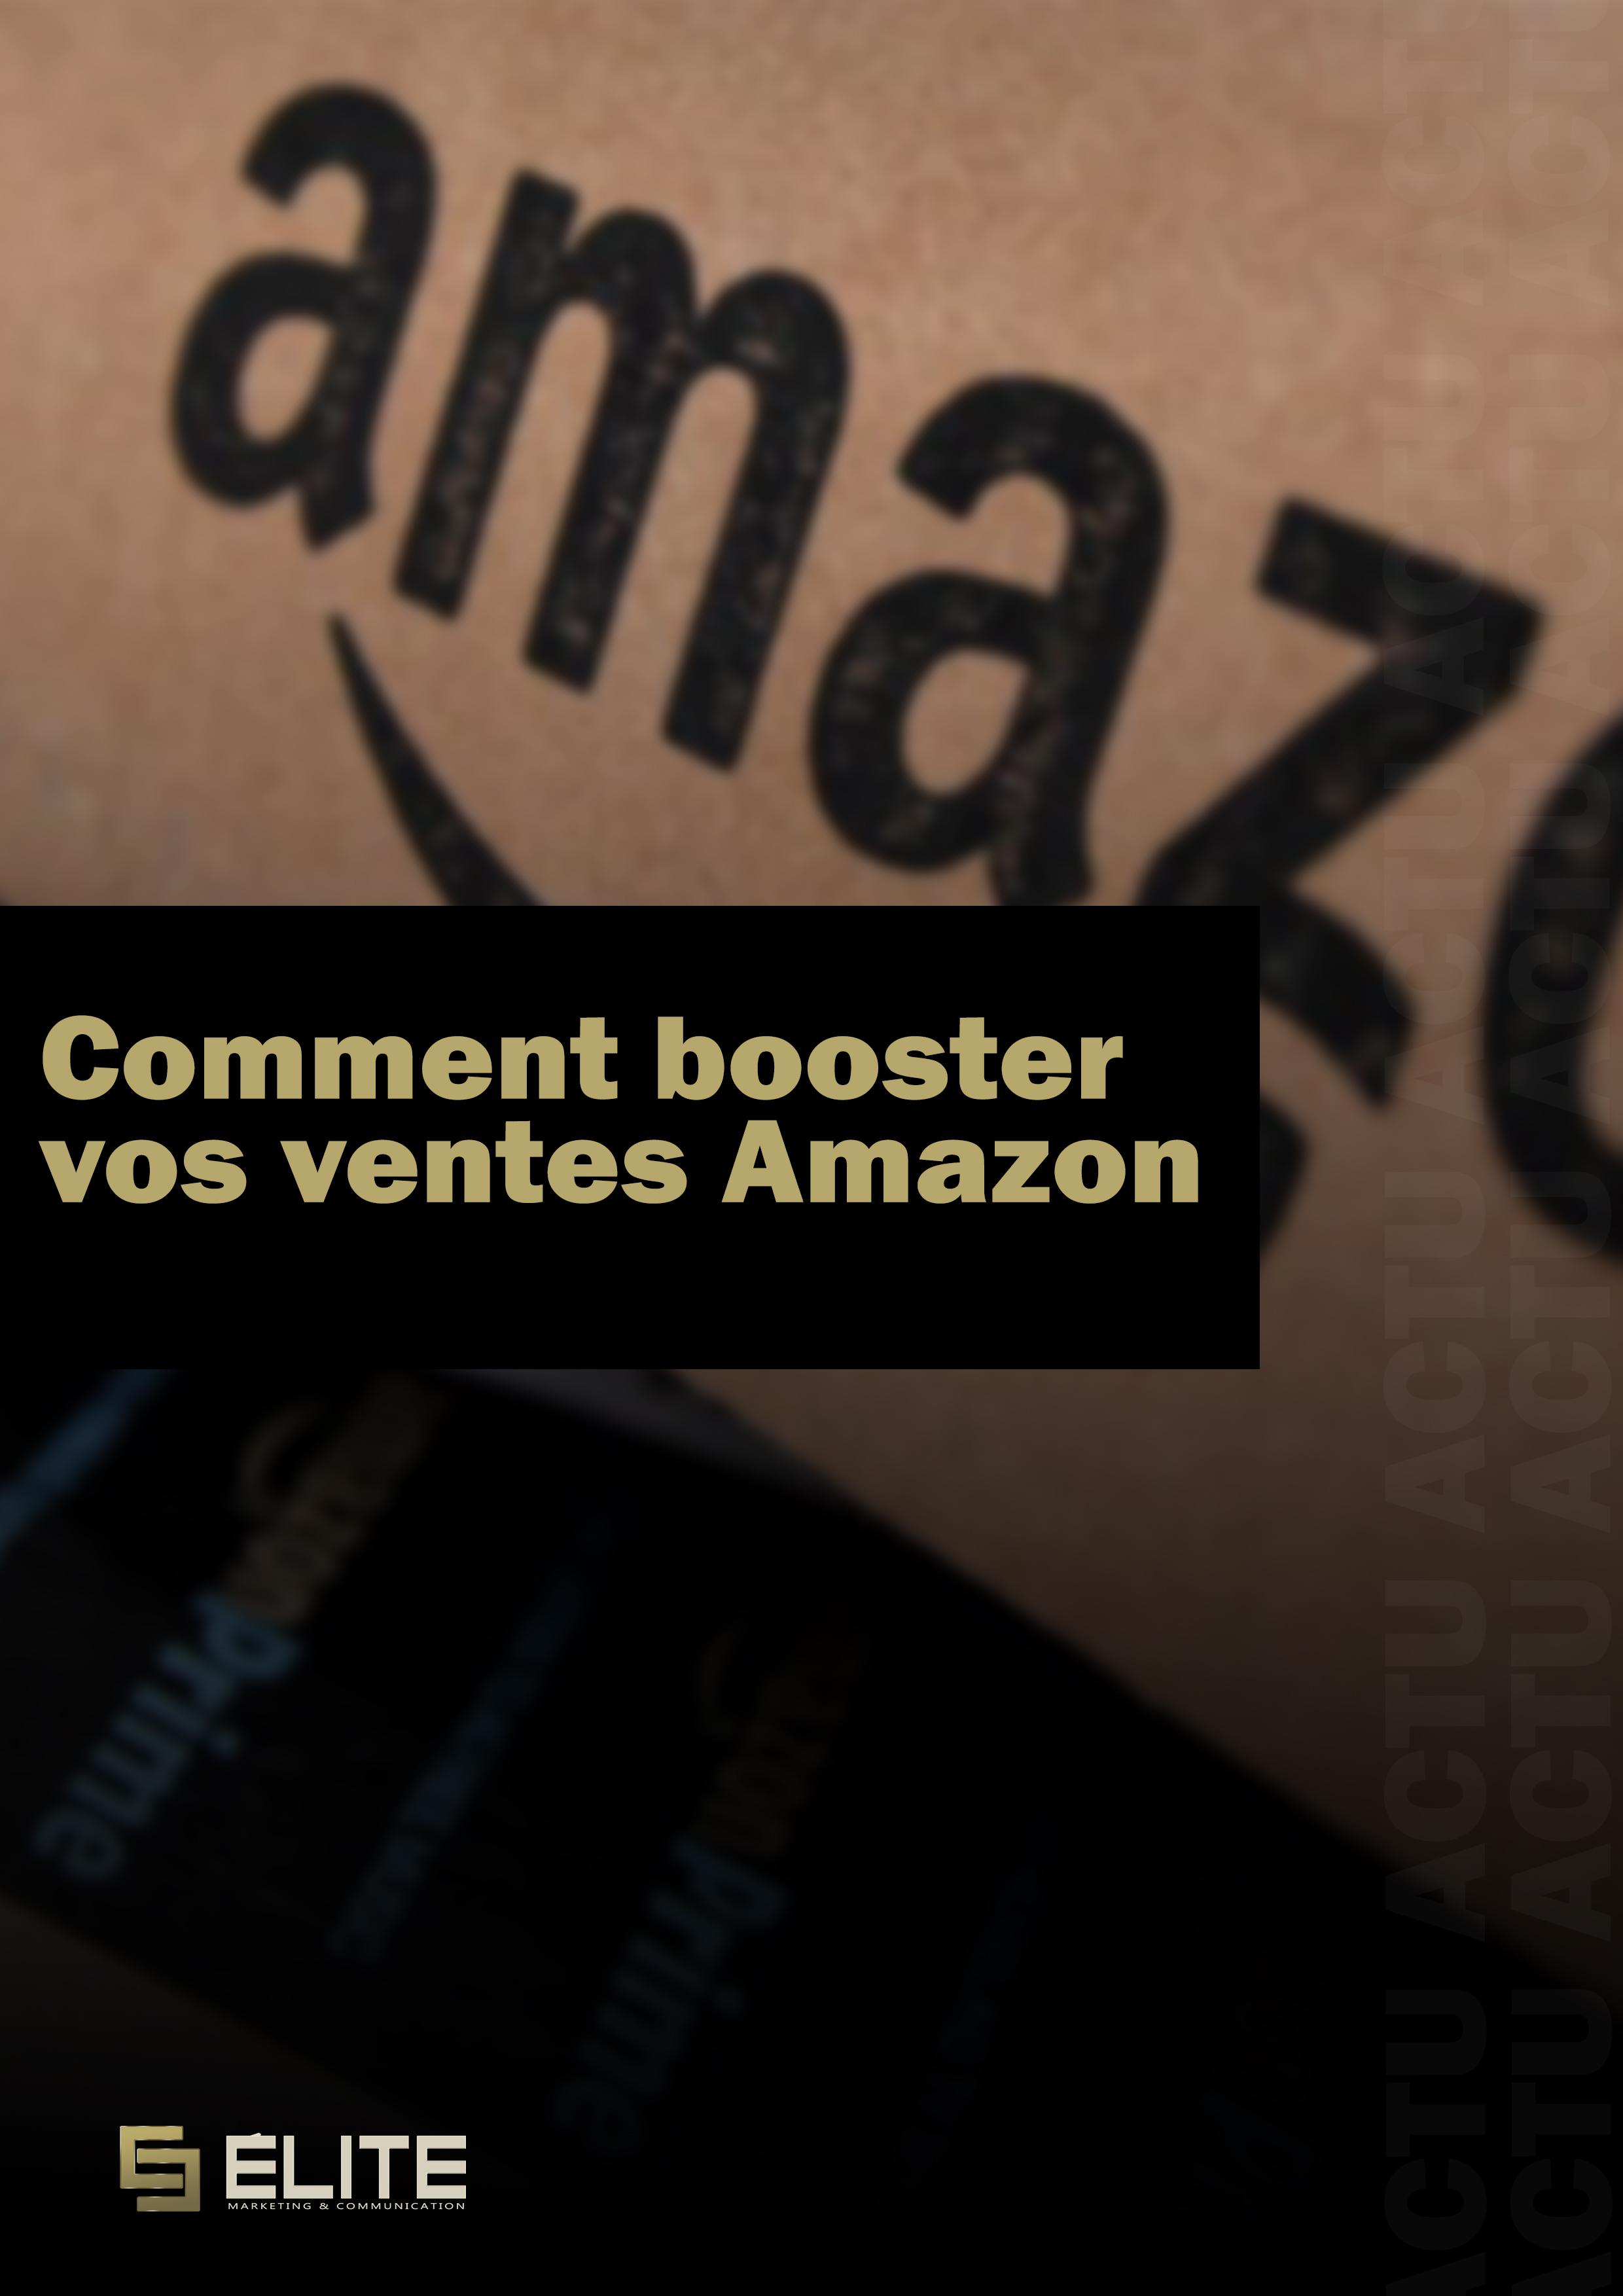 Booster vos ventes Amazon